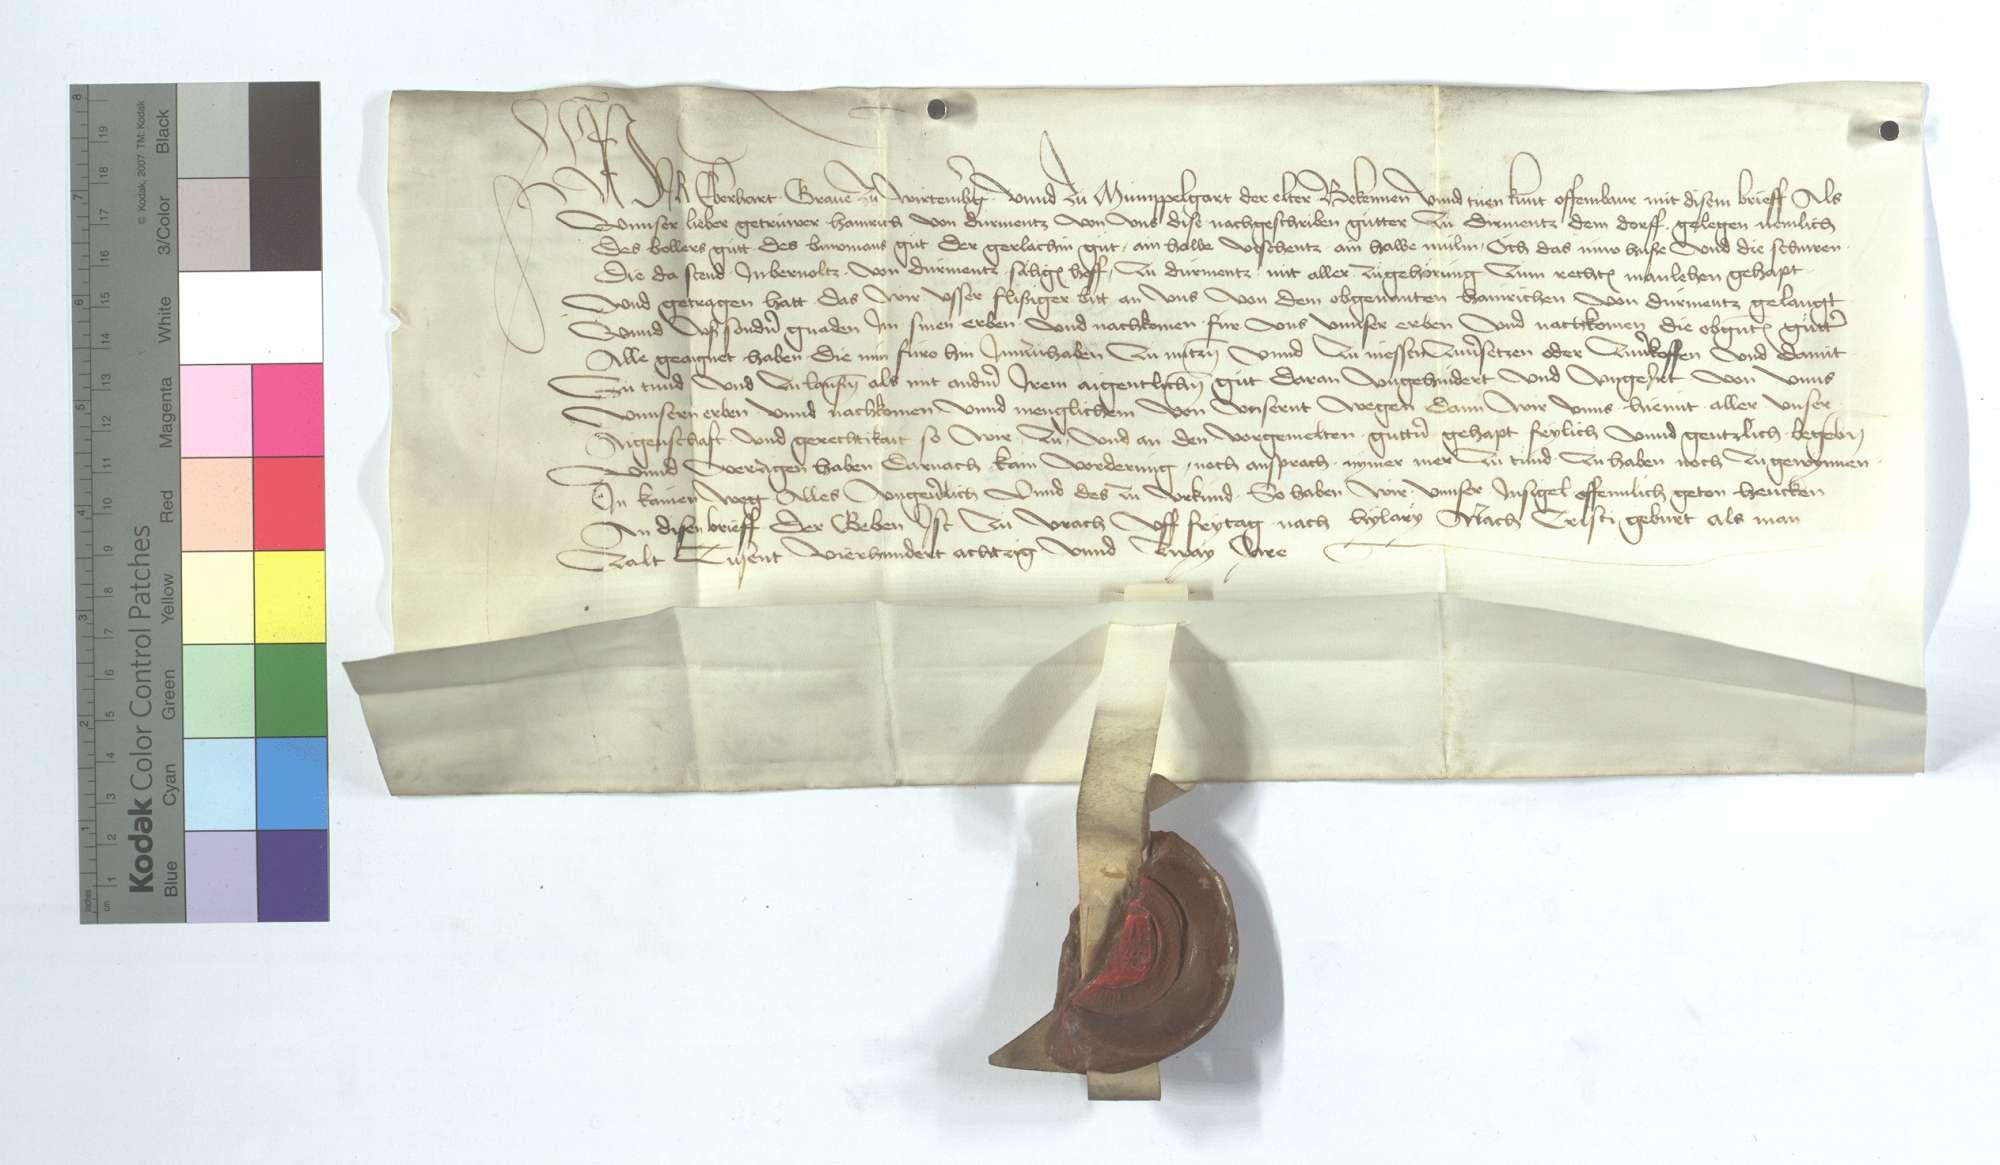 Graf Eberhard von Württemberg (Wirtemberg) freit und eignet Heinrich von Dürrmenz etliche Güter in Dürrmenz, die Mannlehen gewesen sind., Text